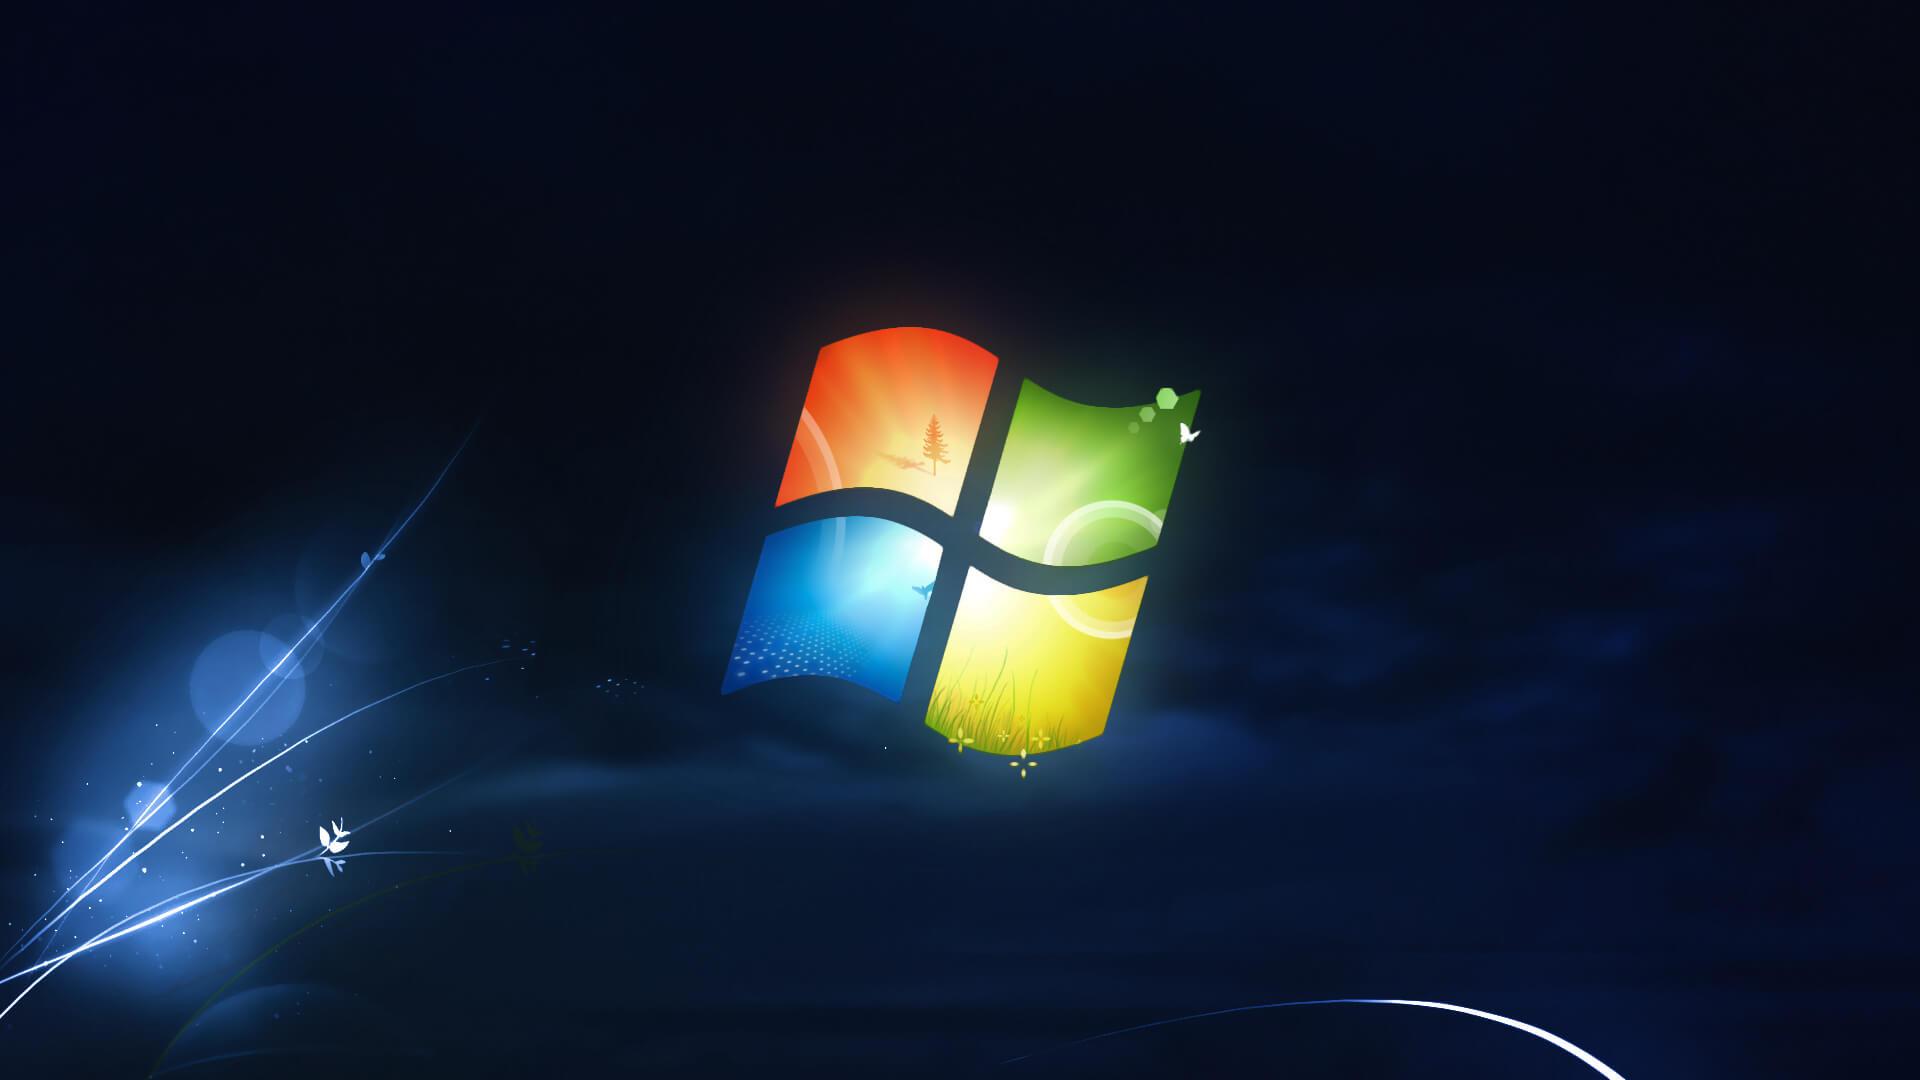 Microsoft accounts